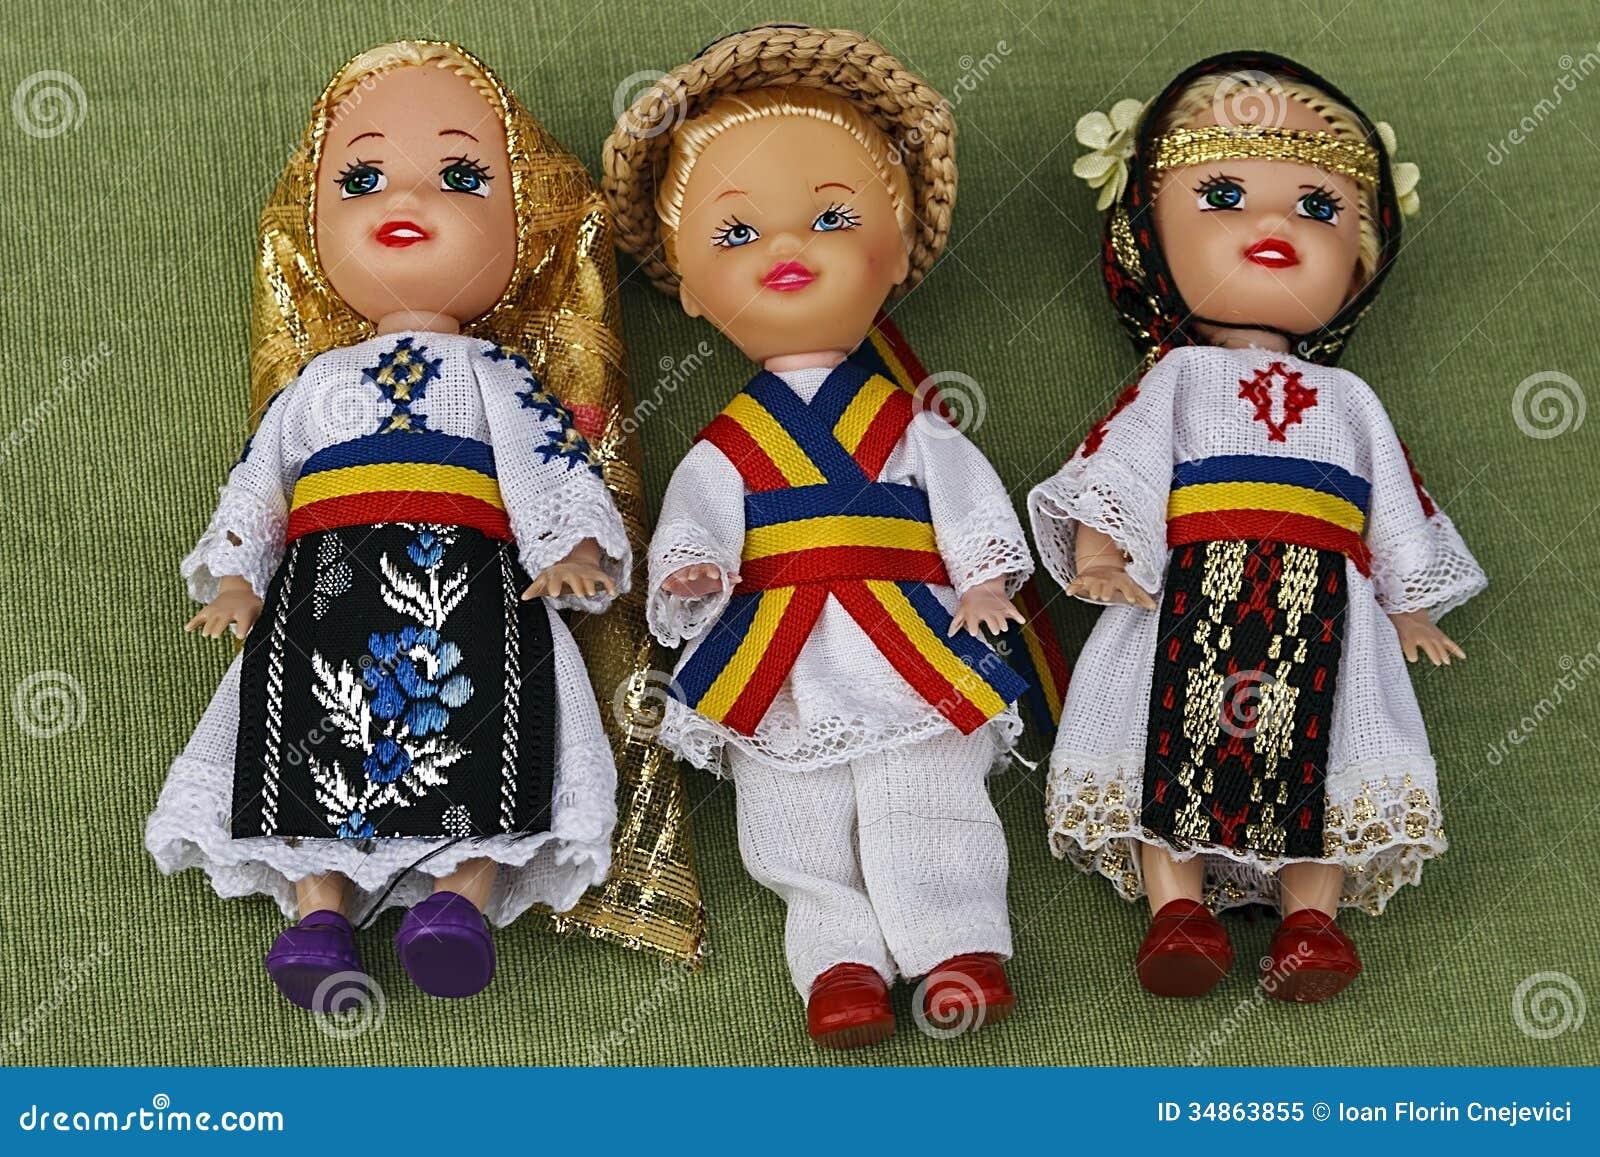 Muñecas vestidas en trajes populares tradicionales.